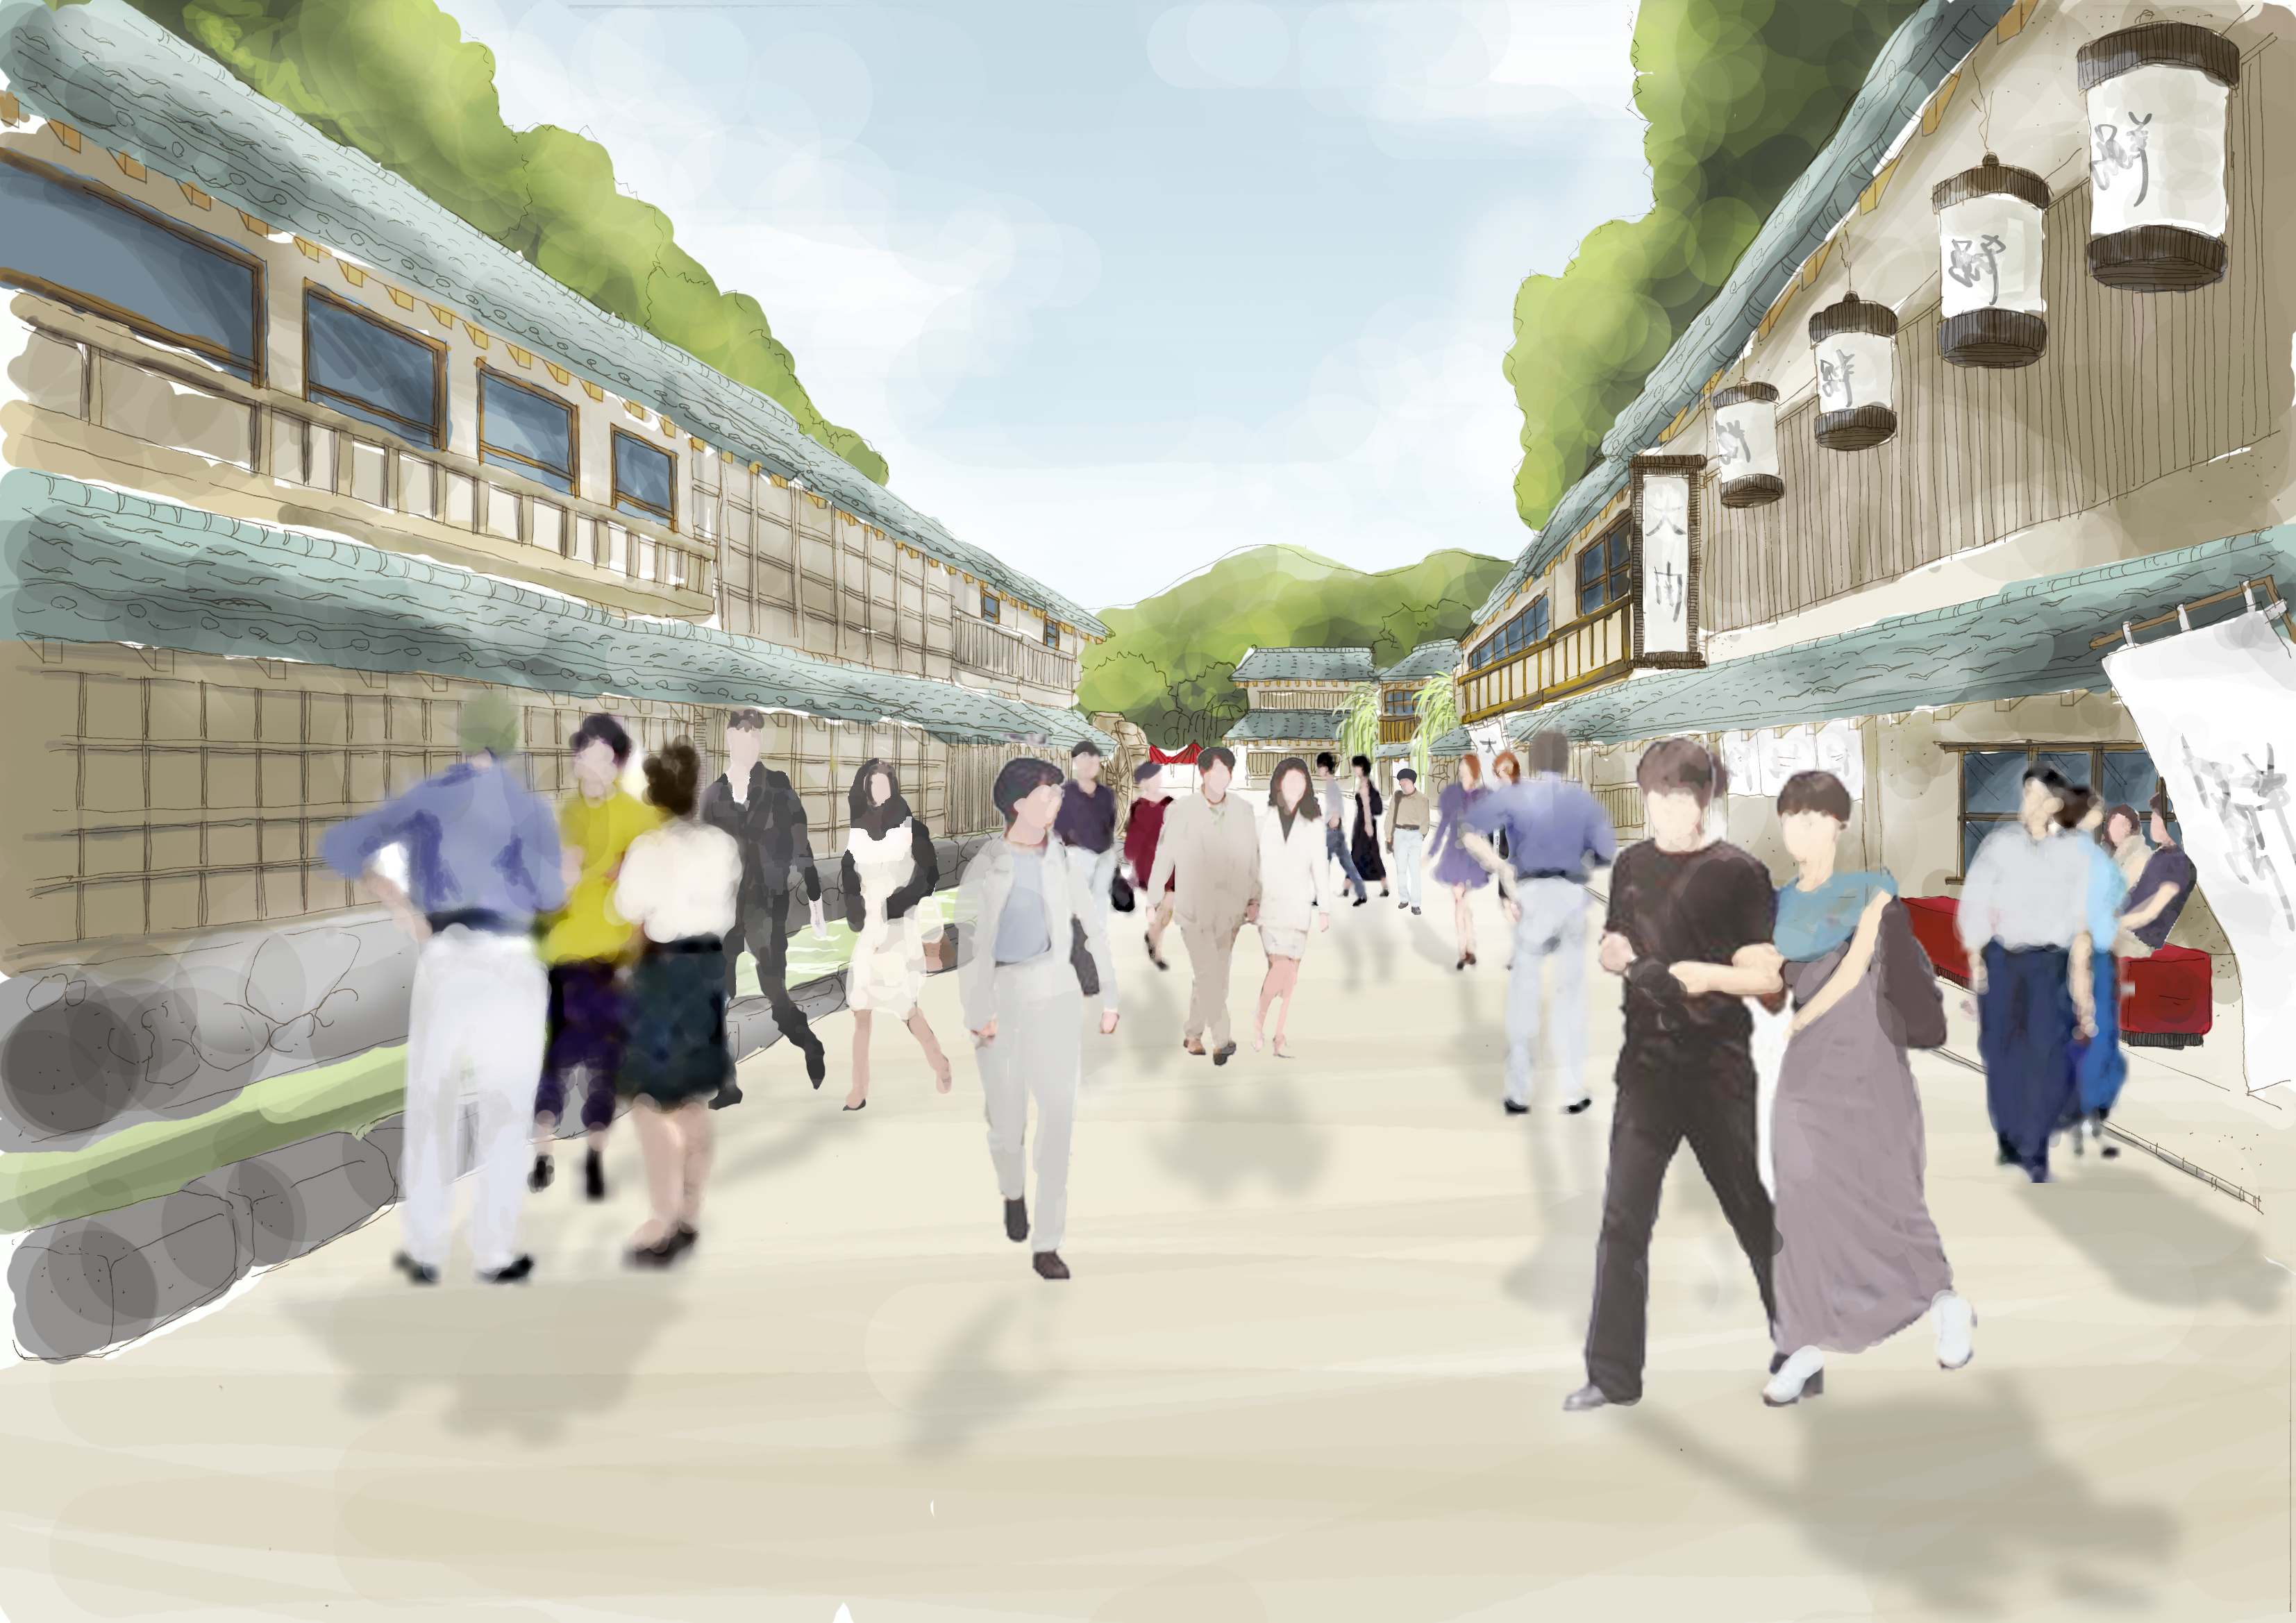 小田原かまぼこ通り活性化協議会 | ようこそ、かまぼこ通りへ